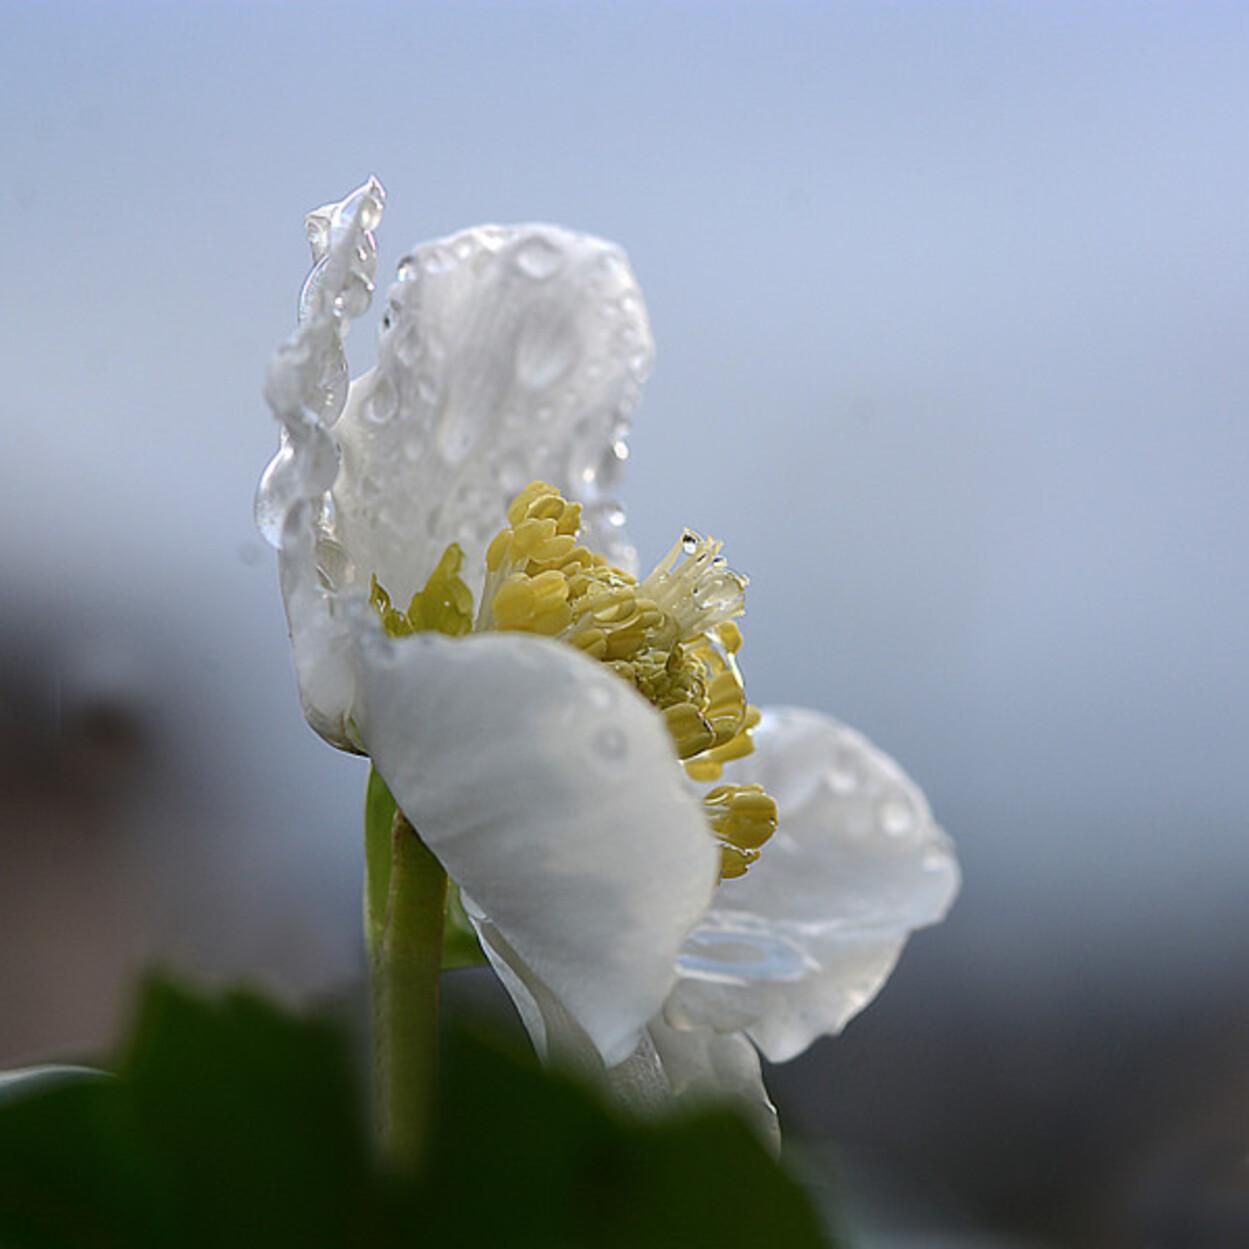 Fleurs-13-5358.jpg